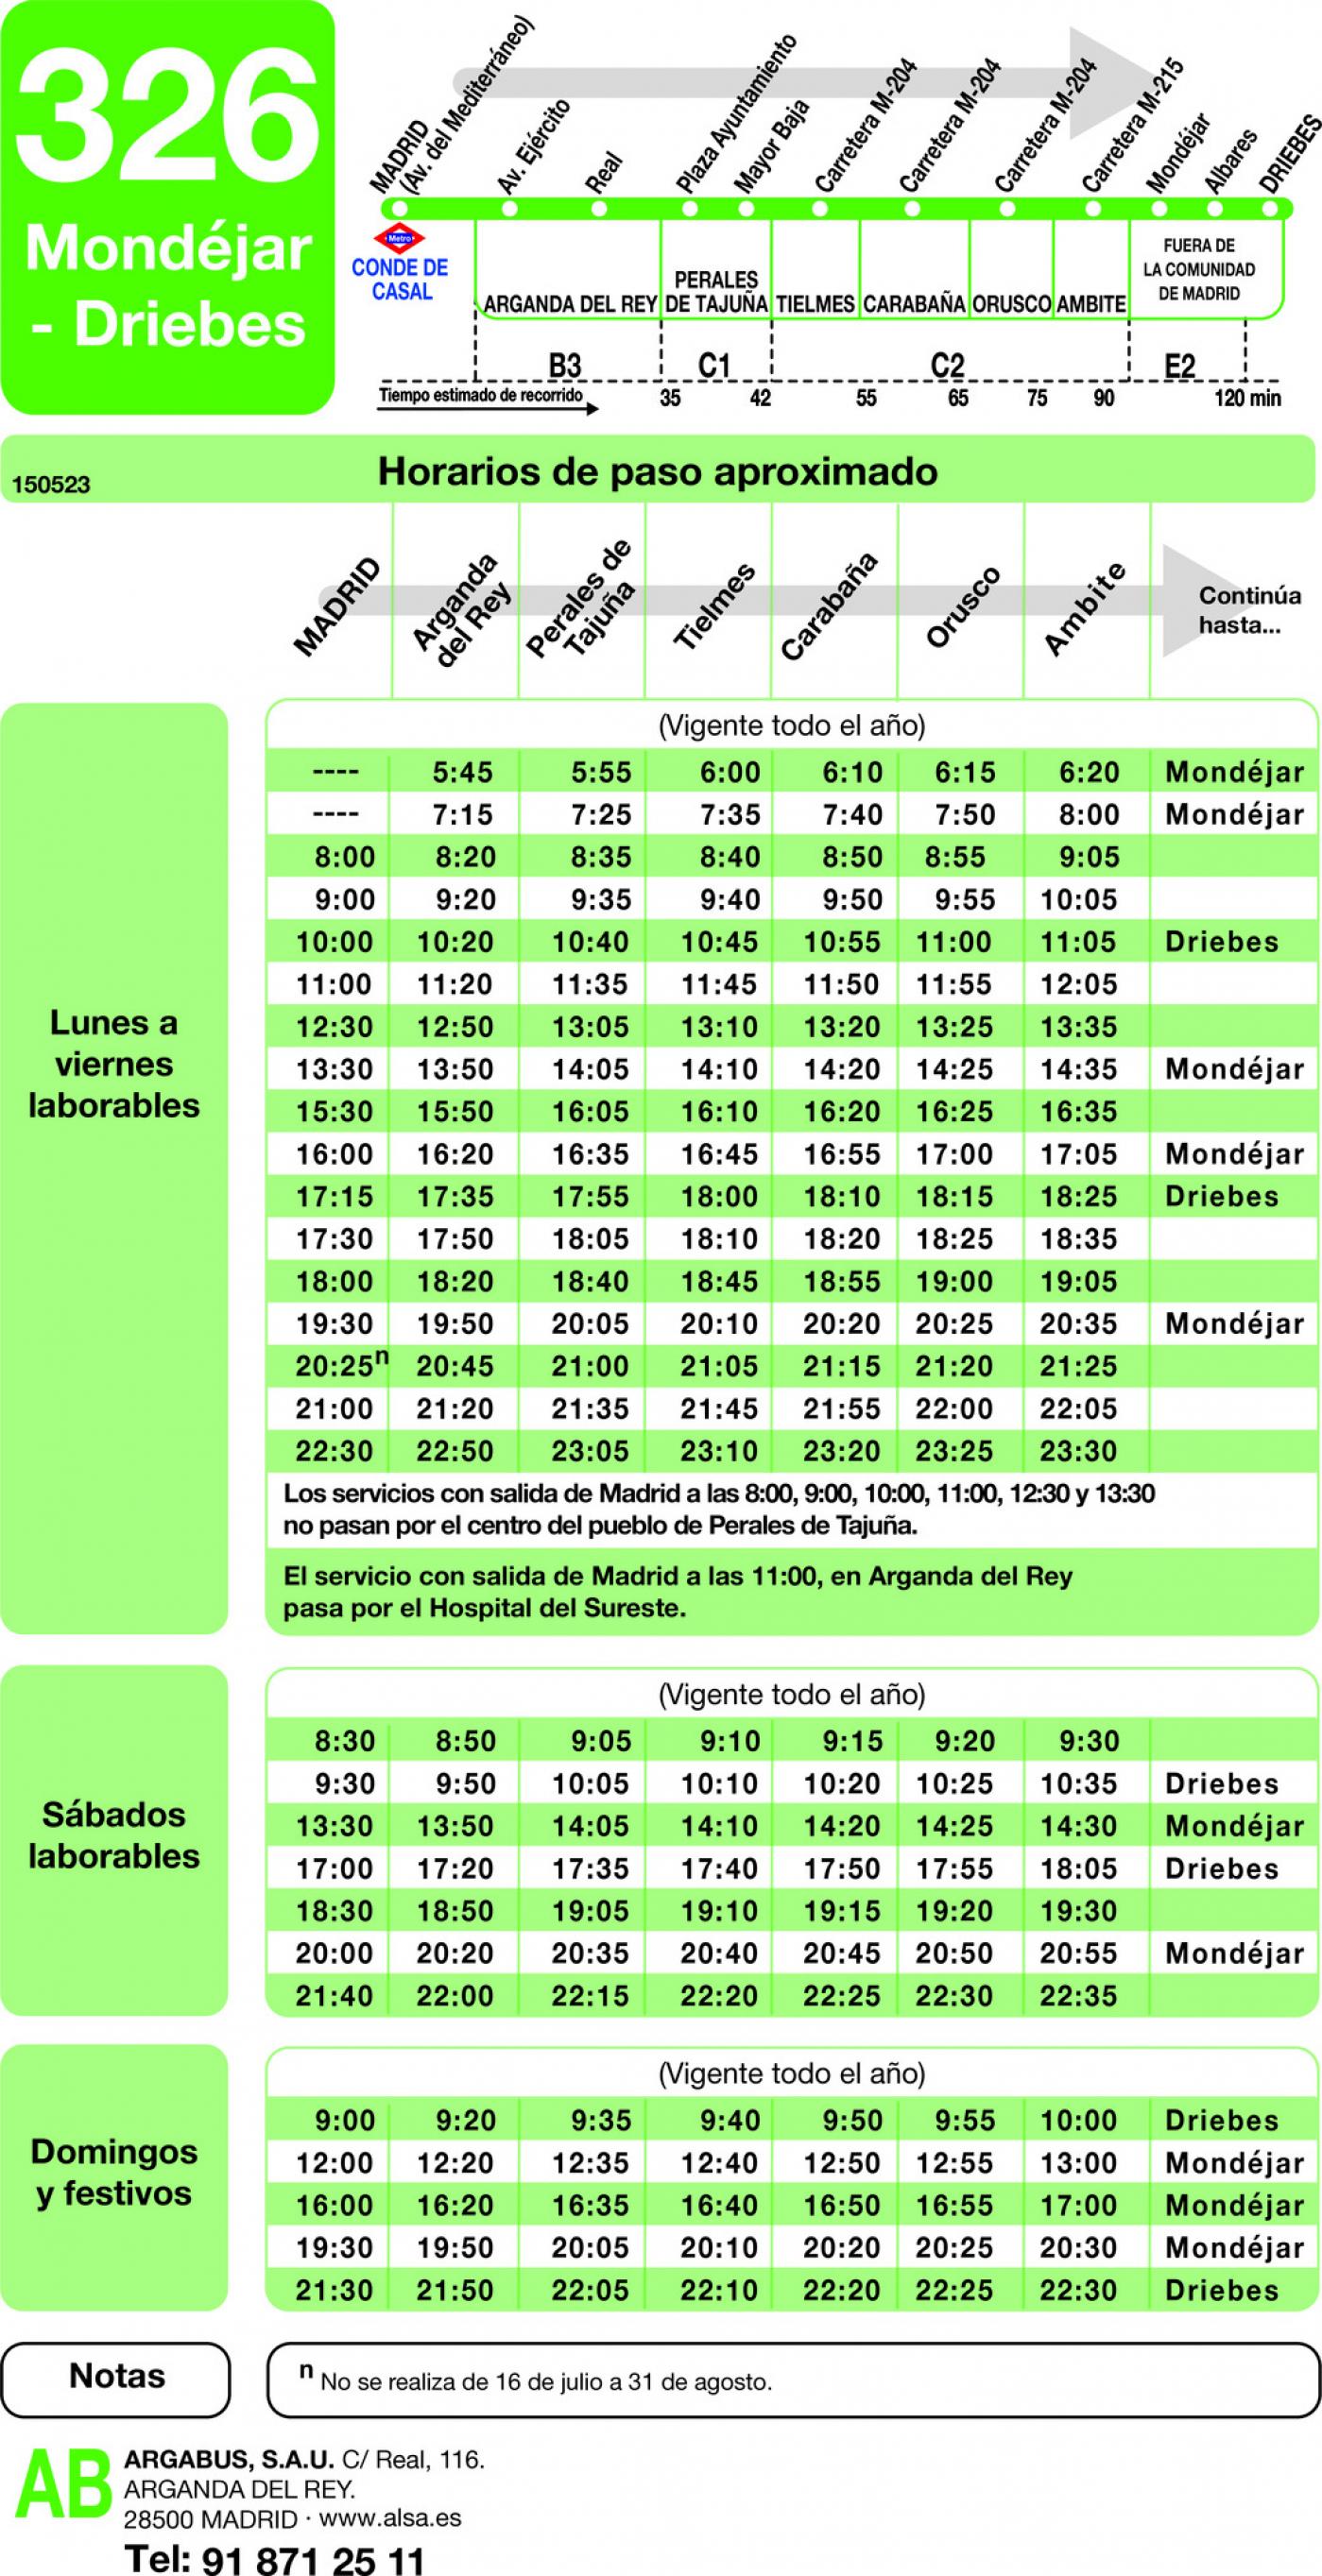 Tabla de horarios y frecuencias de paso en sentido ida Línea 326: Madrid (Conde Casal) - Mondéjar - Driebes